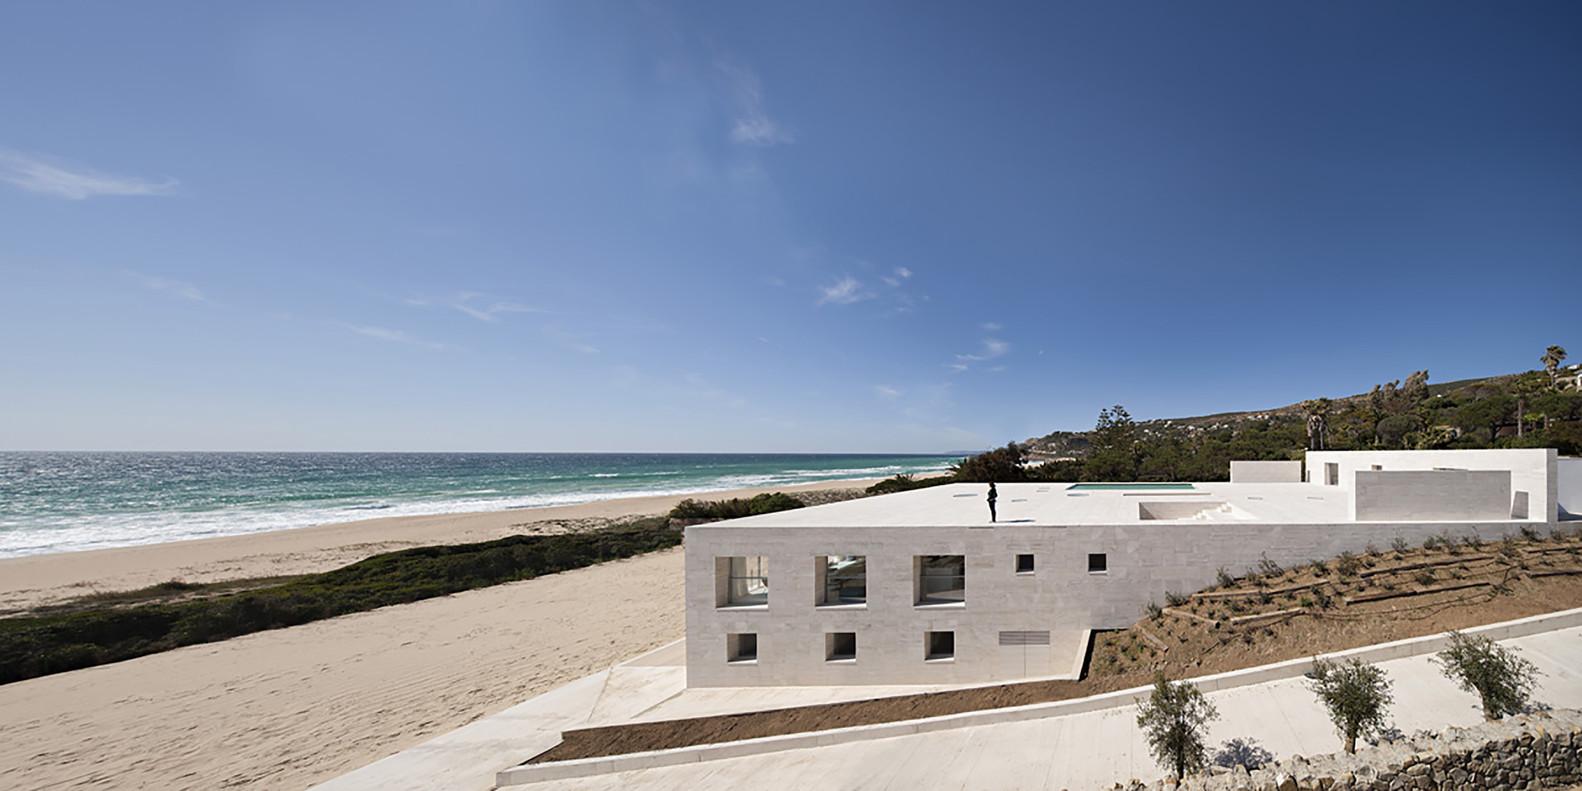 """2 13 - """"Casa del infinito"""": Horizonte espectacular de cielo y mar en Zahara de los Atunes (Cádiz)"""